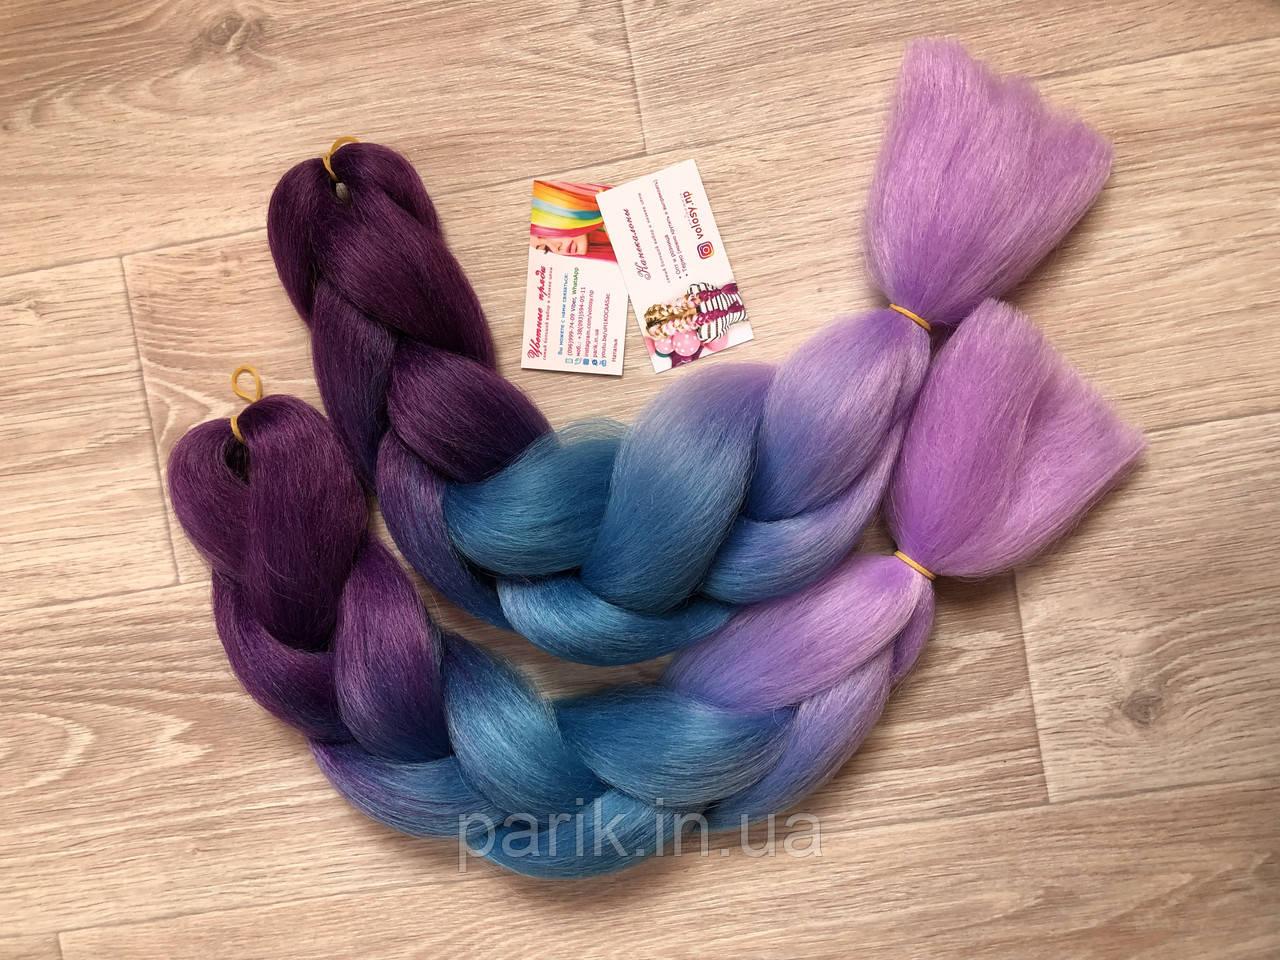 💙💜 Канекалон Омбре фиолетовые оттенки, коса прядь для причёсок 💙💜